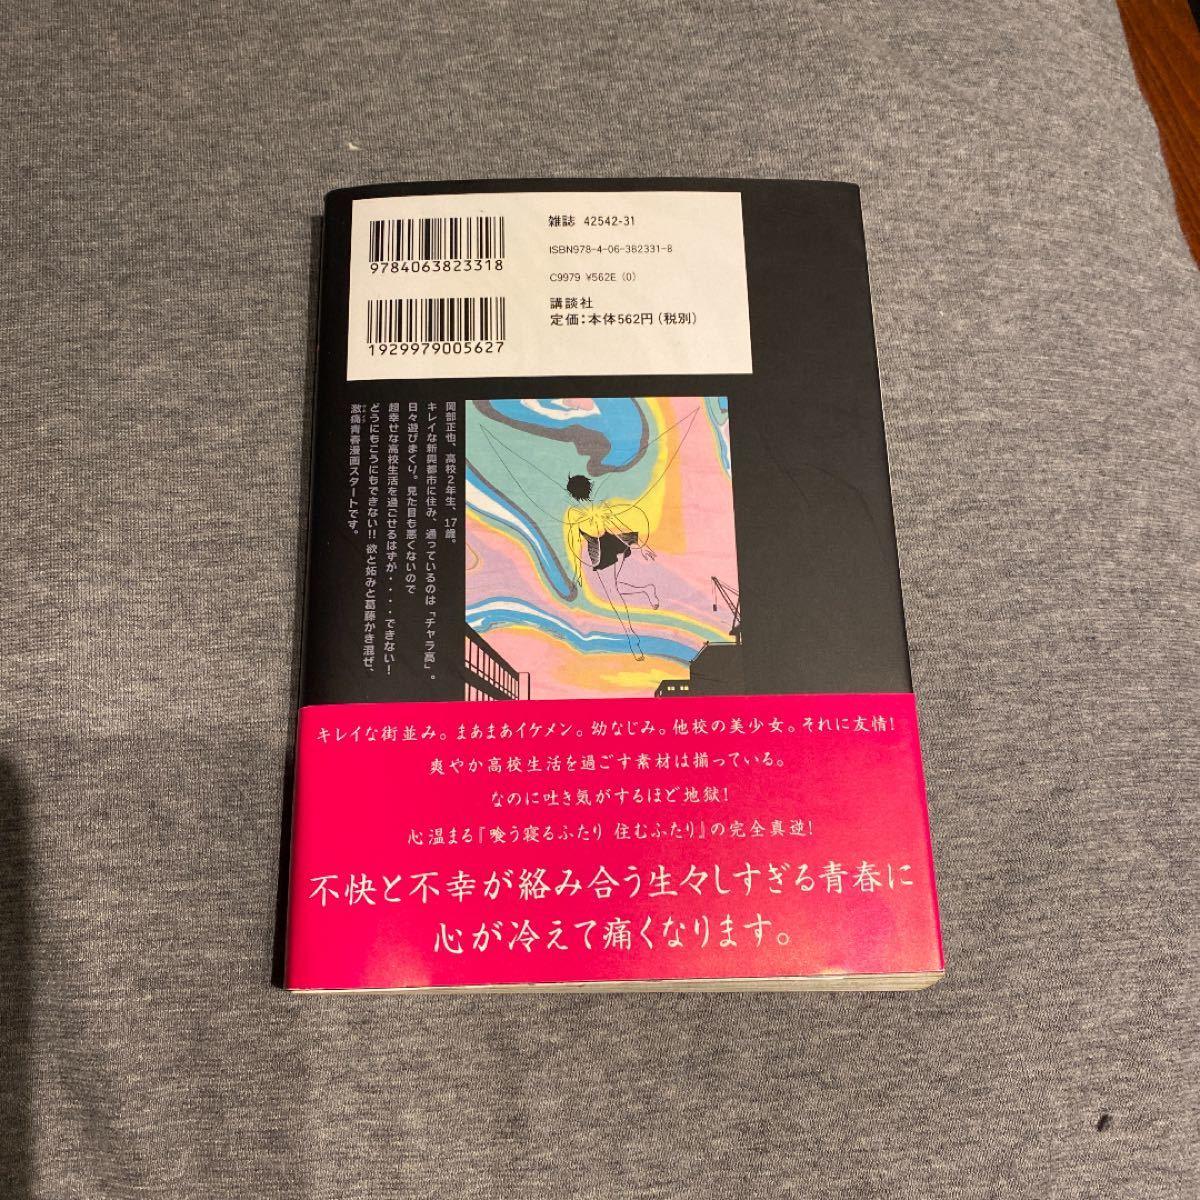 【初版】モンクロチョウ 1 ポストカード付